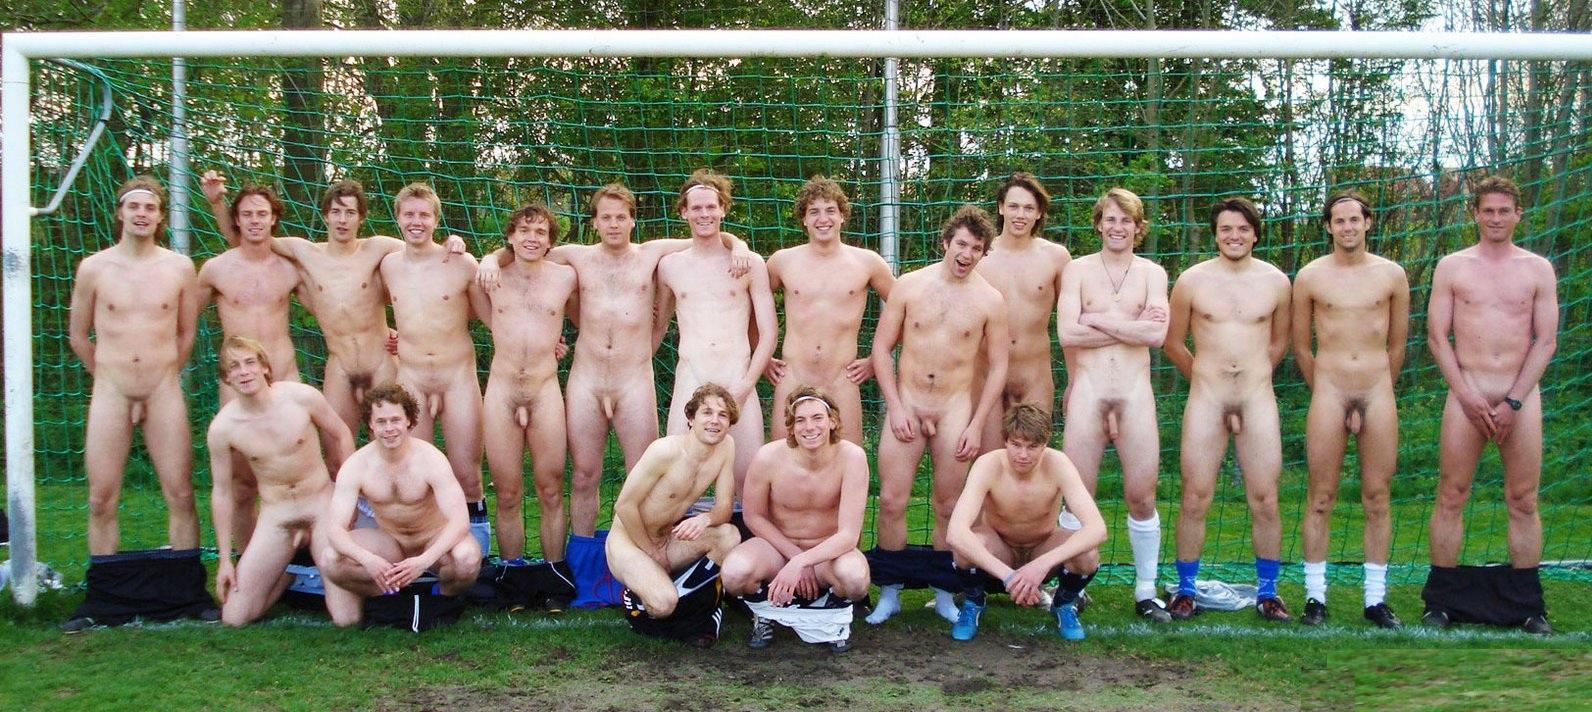 гости мальчикам, видео парни спортсмены голышом конечно